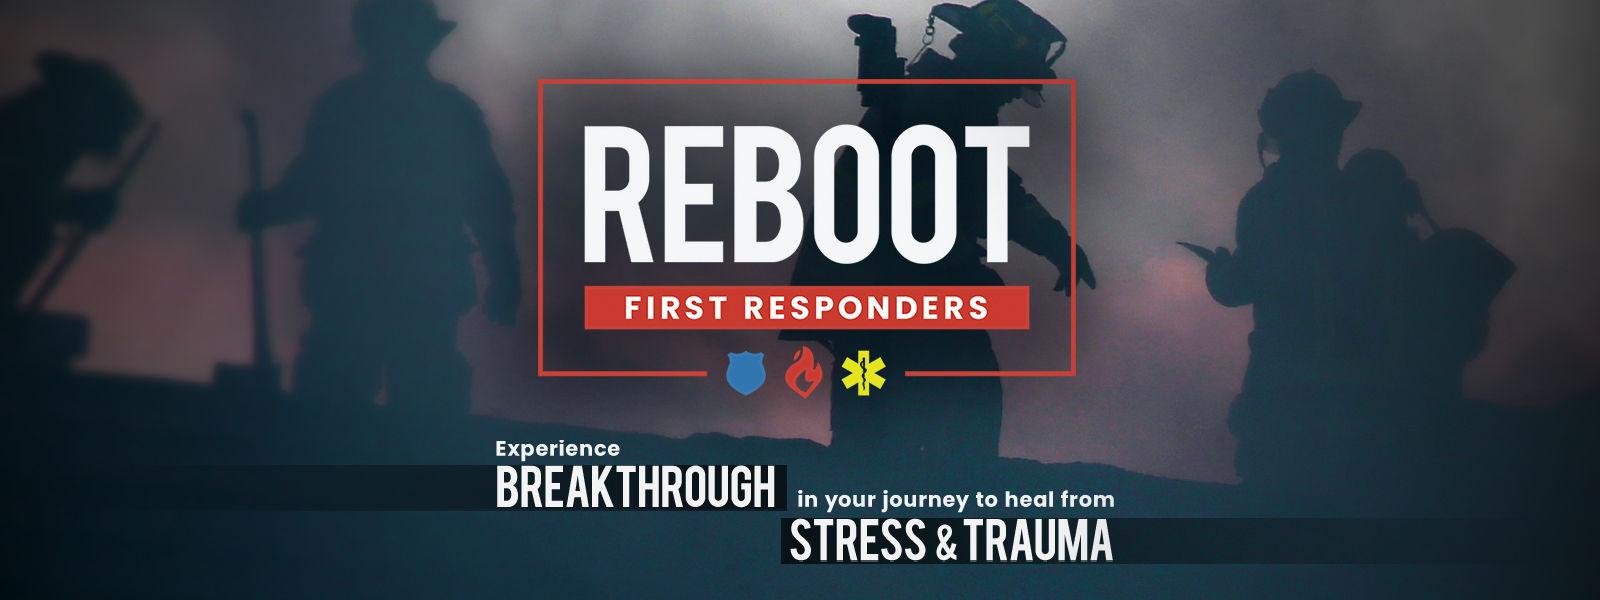 REBOOT First Responders